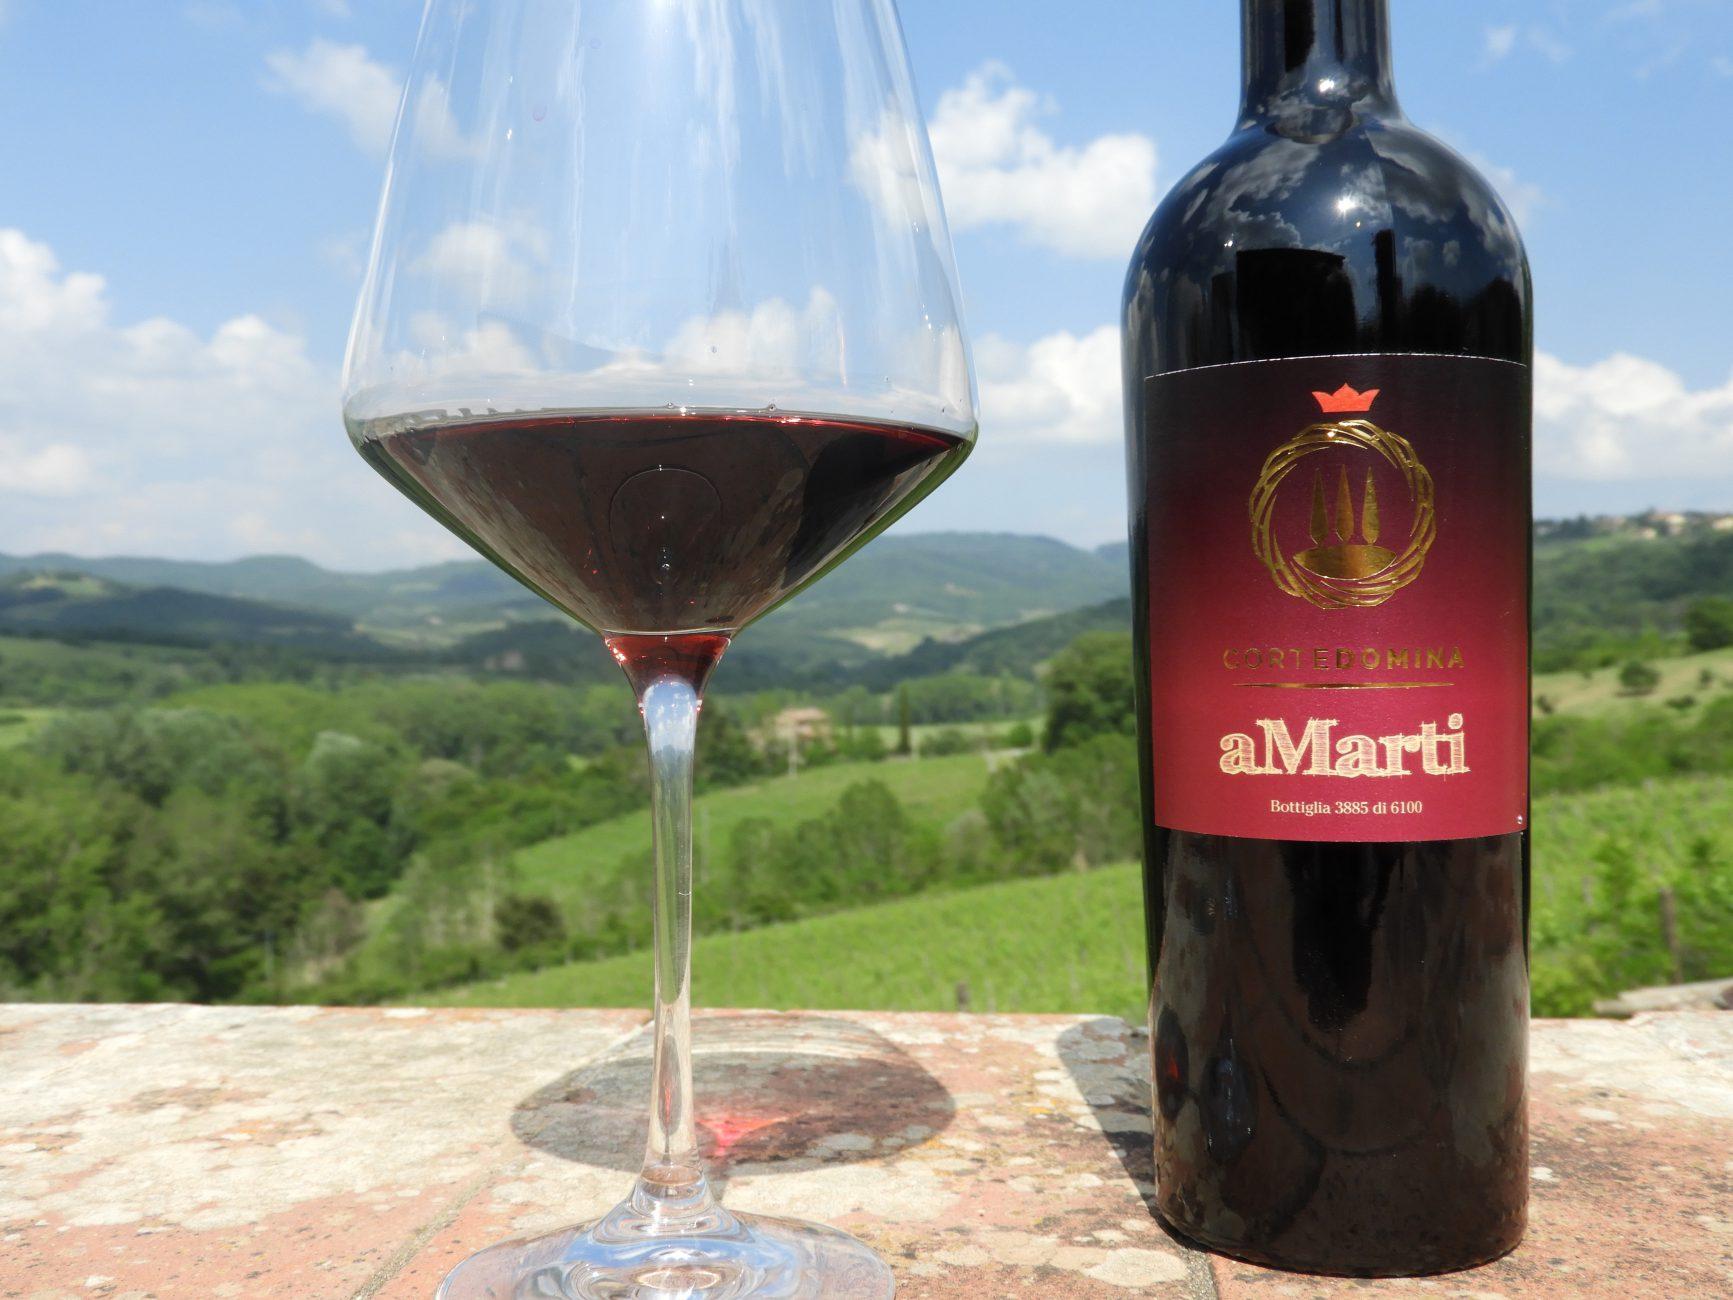 Wines - aMarti